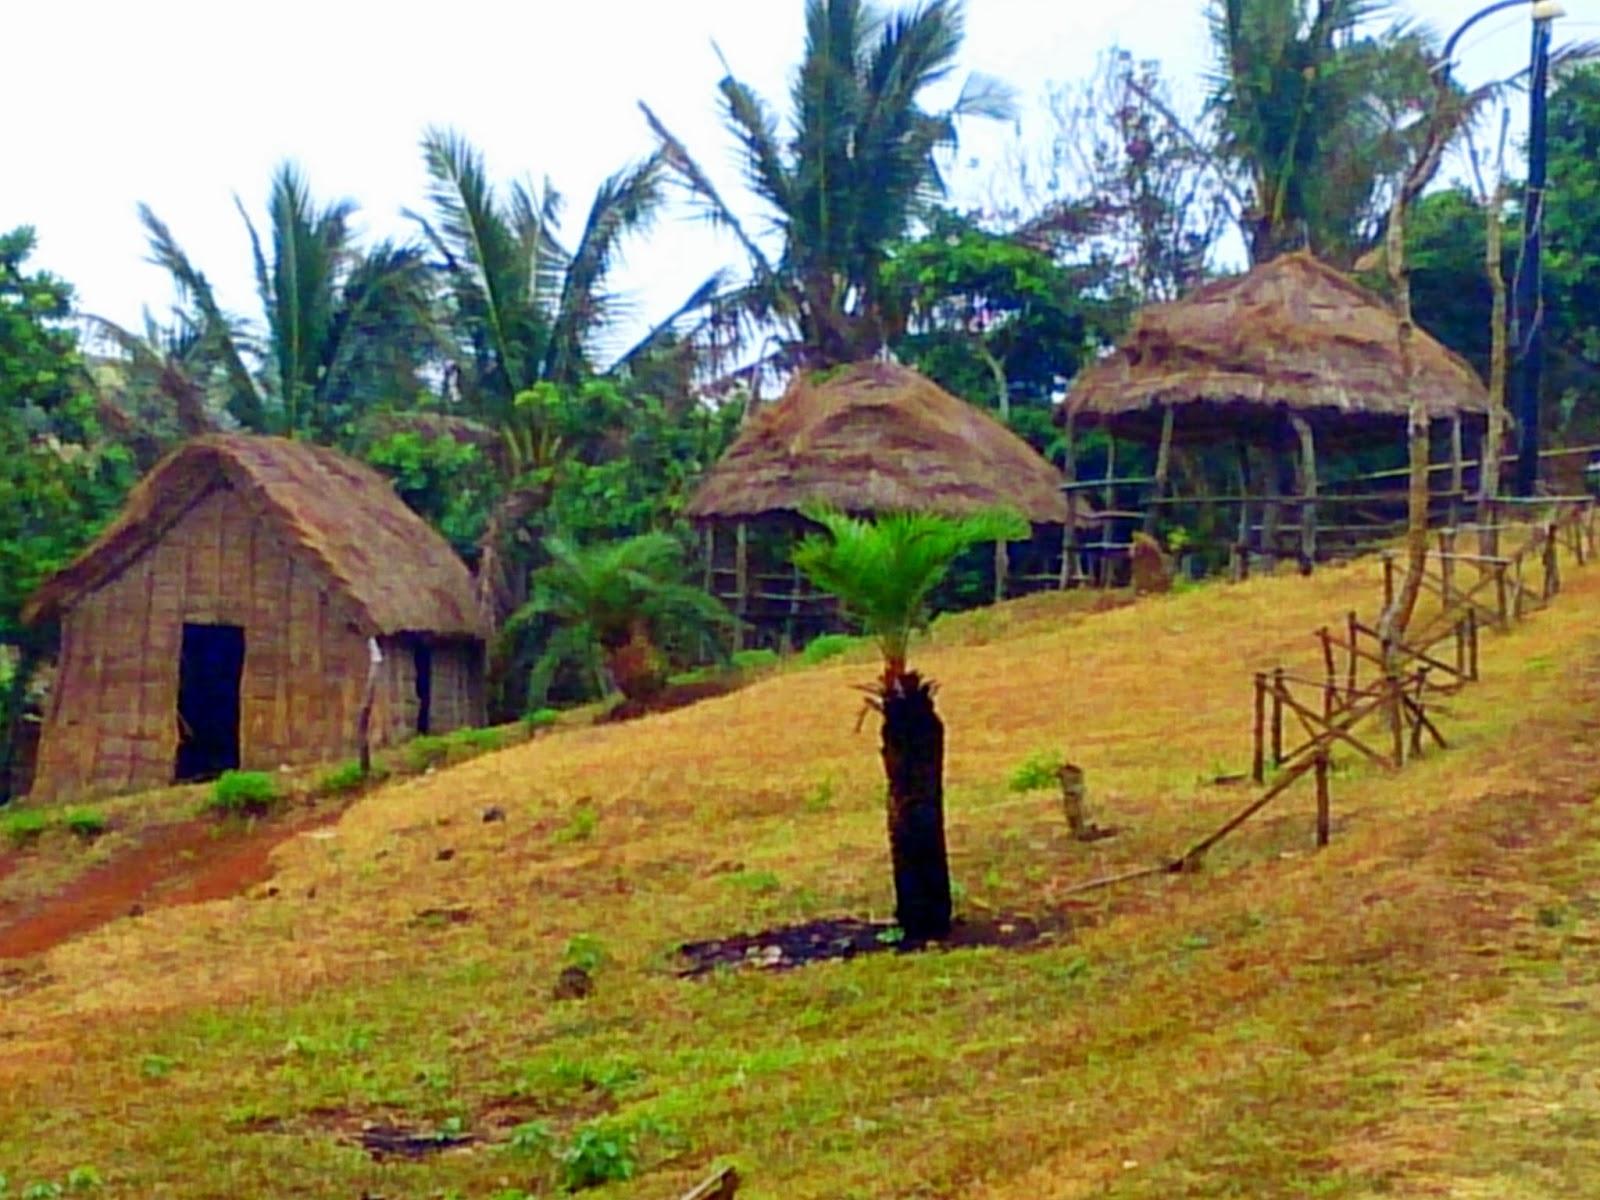 Yawran Village, Itbayat, Batanes